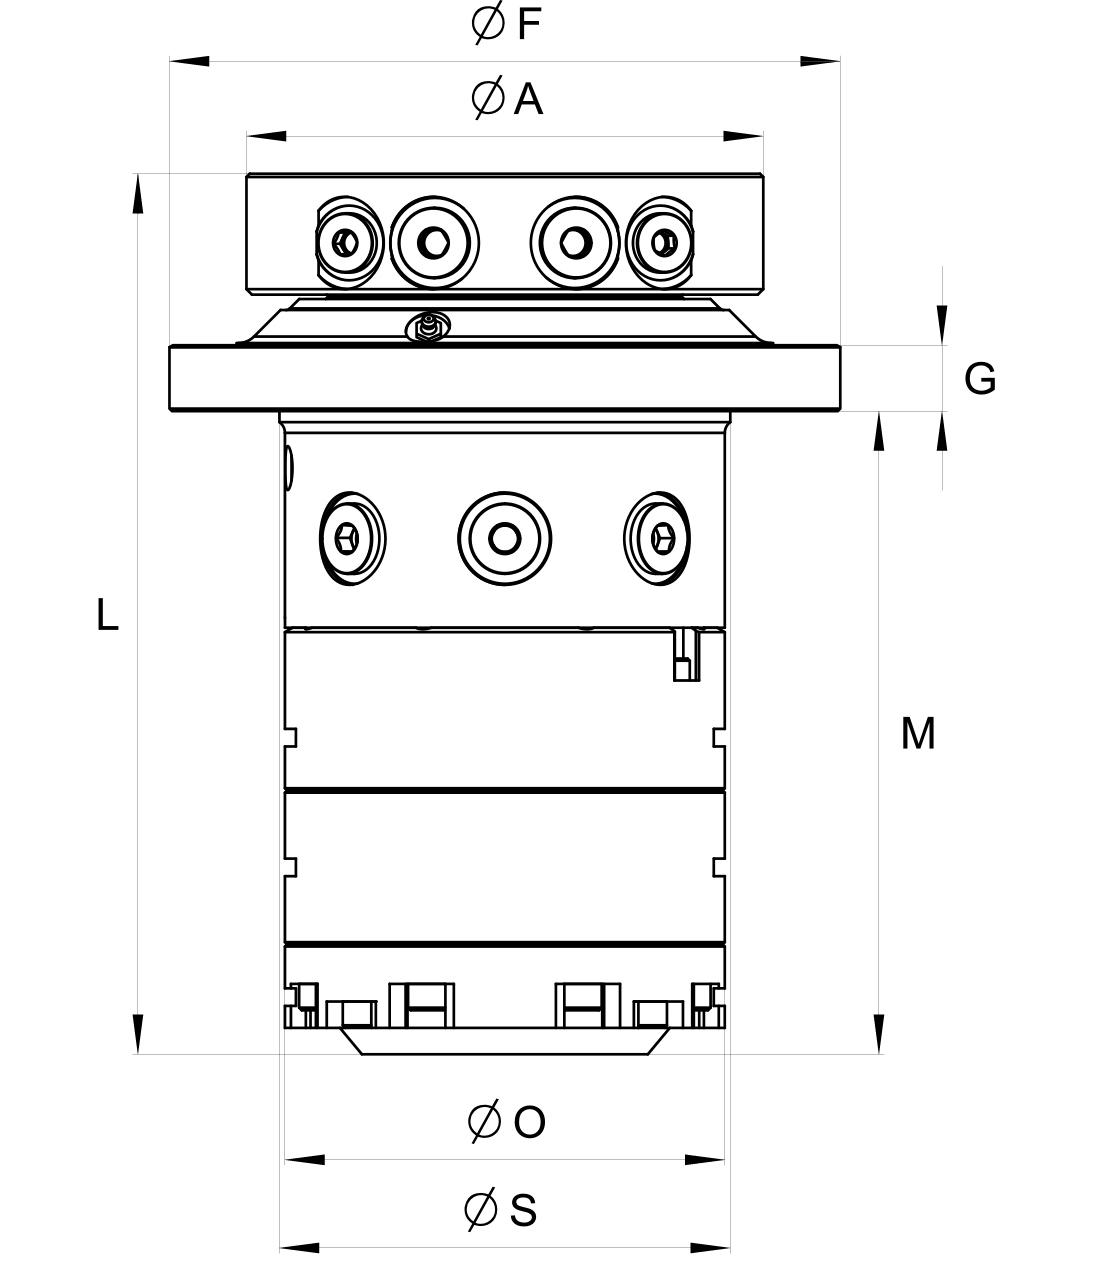 indexator-einbaurotator-rotator-für-polypgreifer-rotator-recyclingeinsatz-rotator-recycling-rotator-materialumschlag-hydraulischer-rotator-für-schrottgreifer-hydraulischer-rotator-für-mehrschalengreifer-hydraulischer-drehkop-für-mehrschalengreifer-hydraulischer-drehmotor-für-mehrschalengreifer